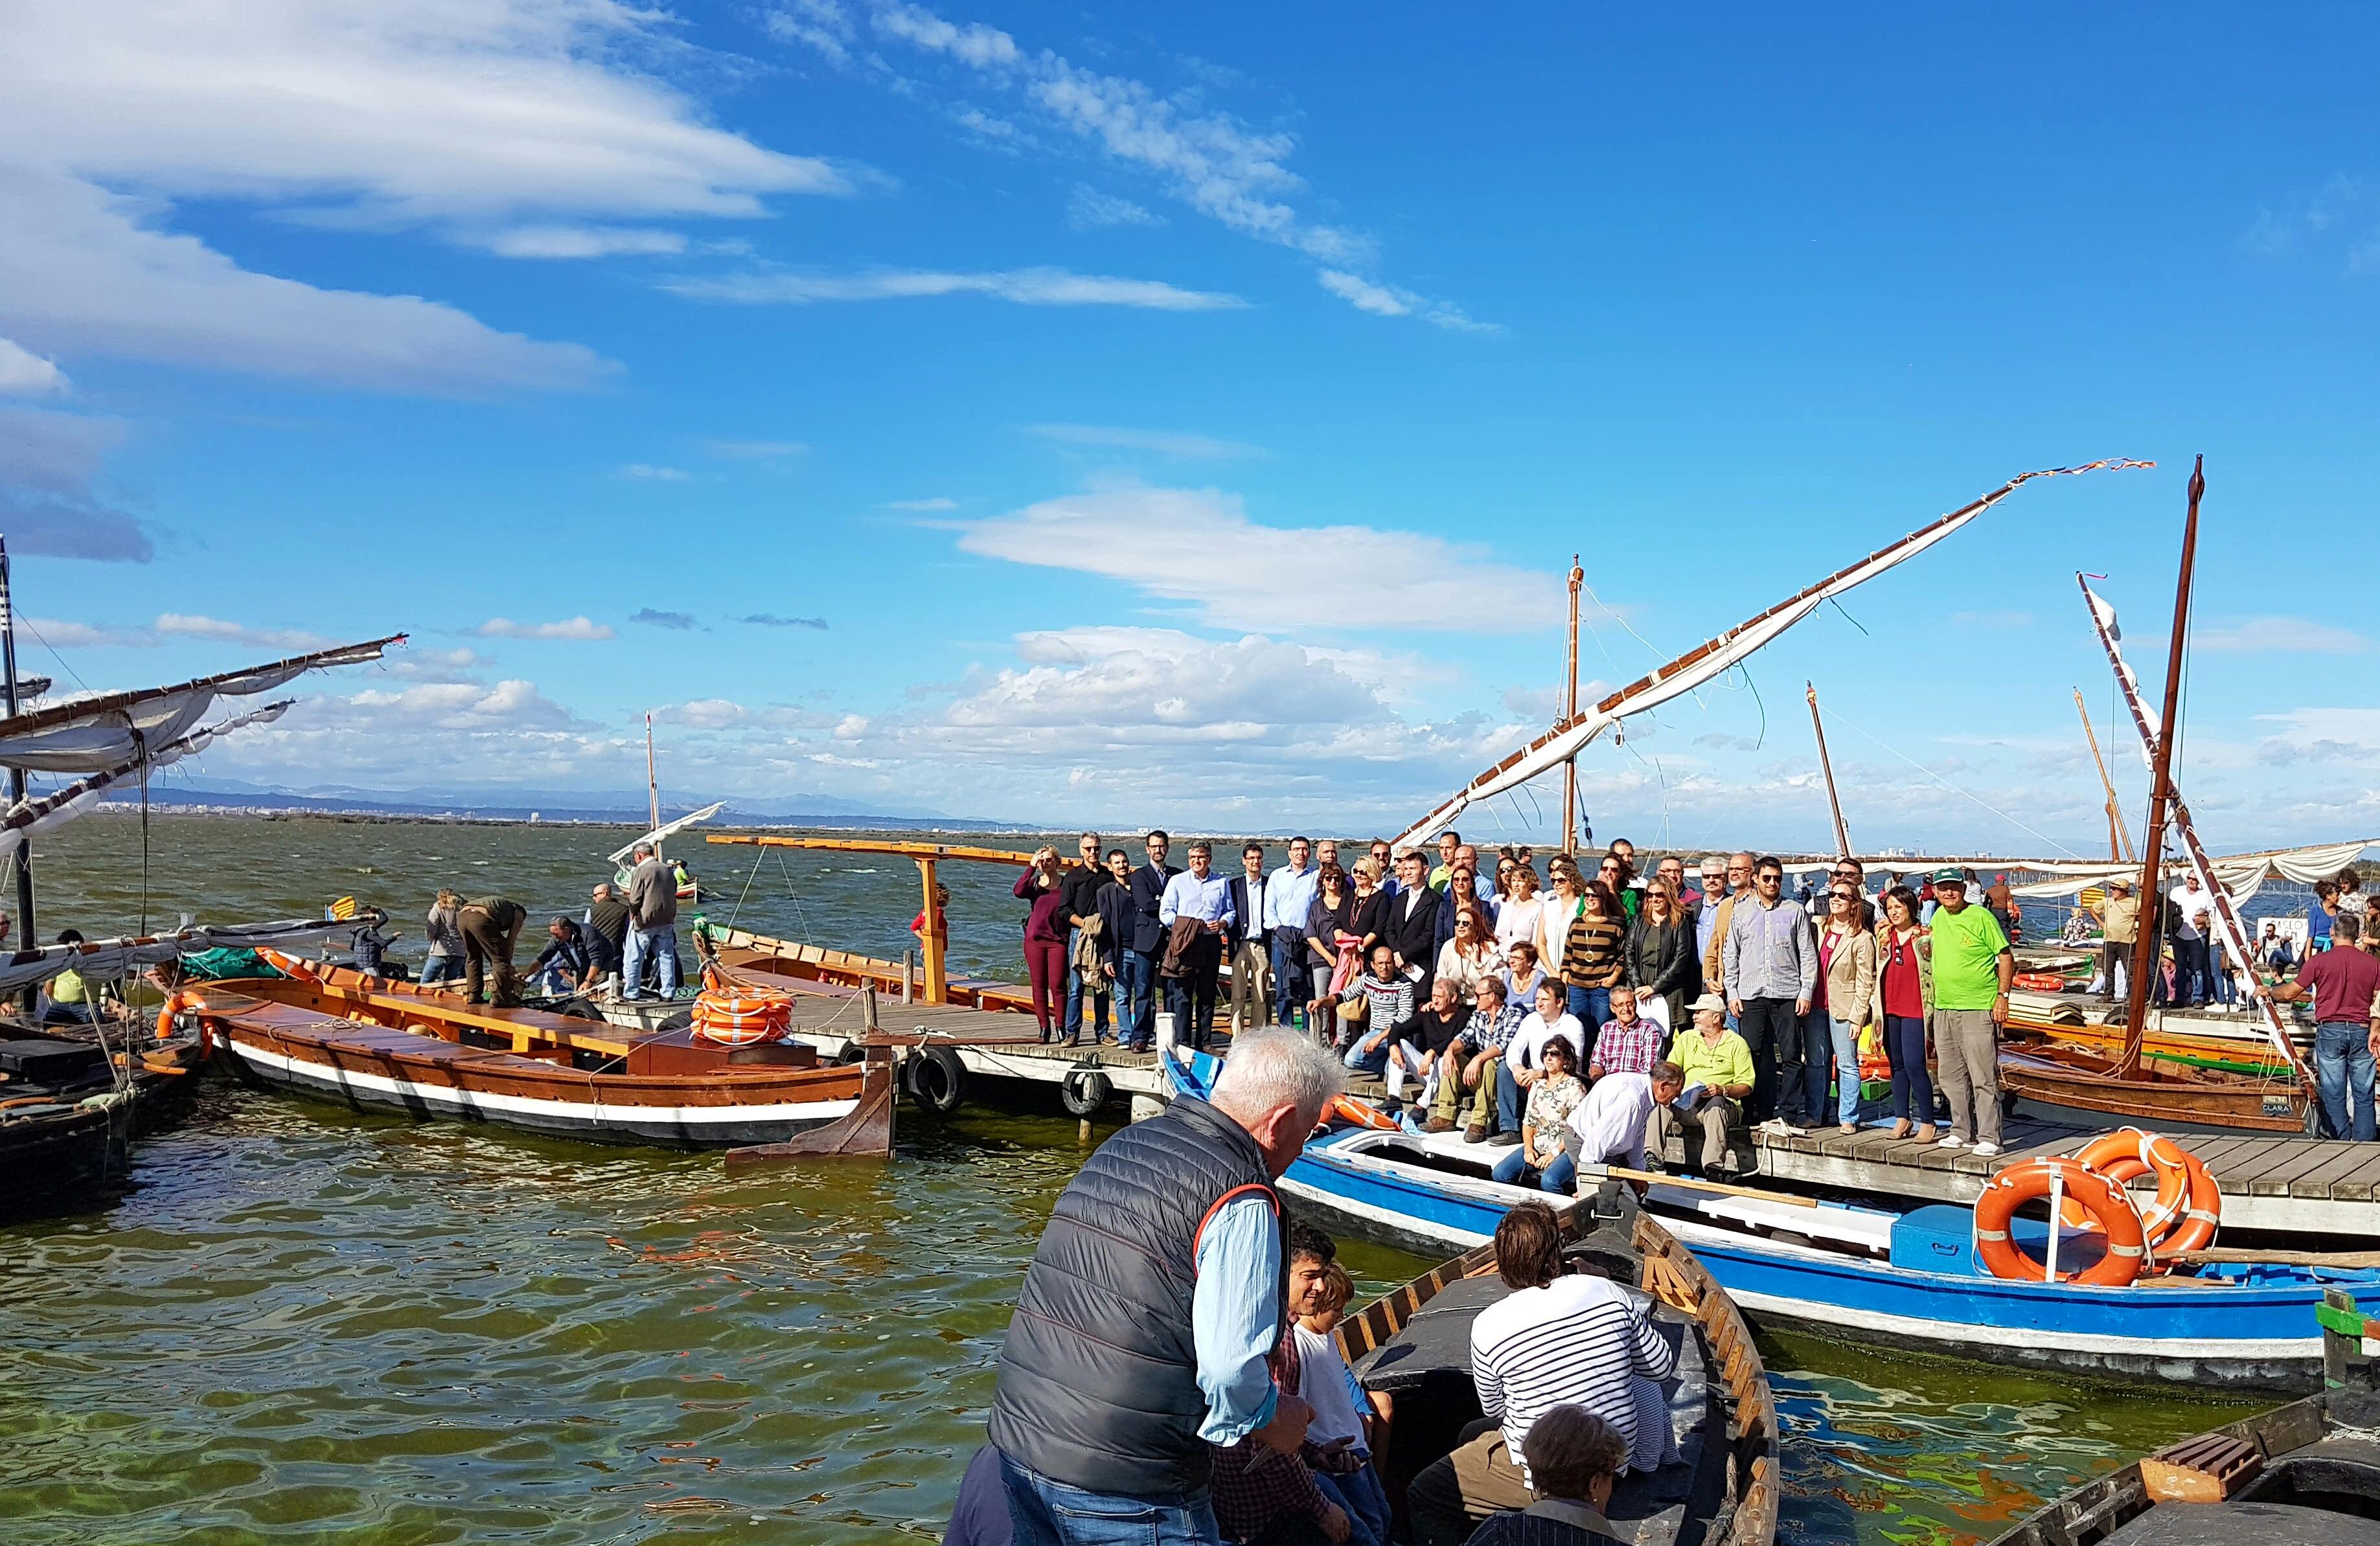 Cebrián: 'La declaración de la pesca artesanal y la vela latina como BIC refuerza el valor de la Albufera como patrimonio cultural y natural'